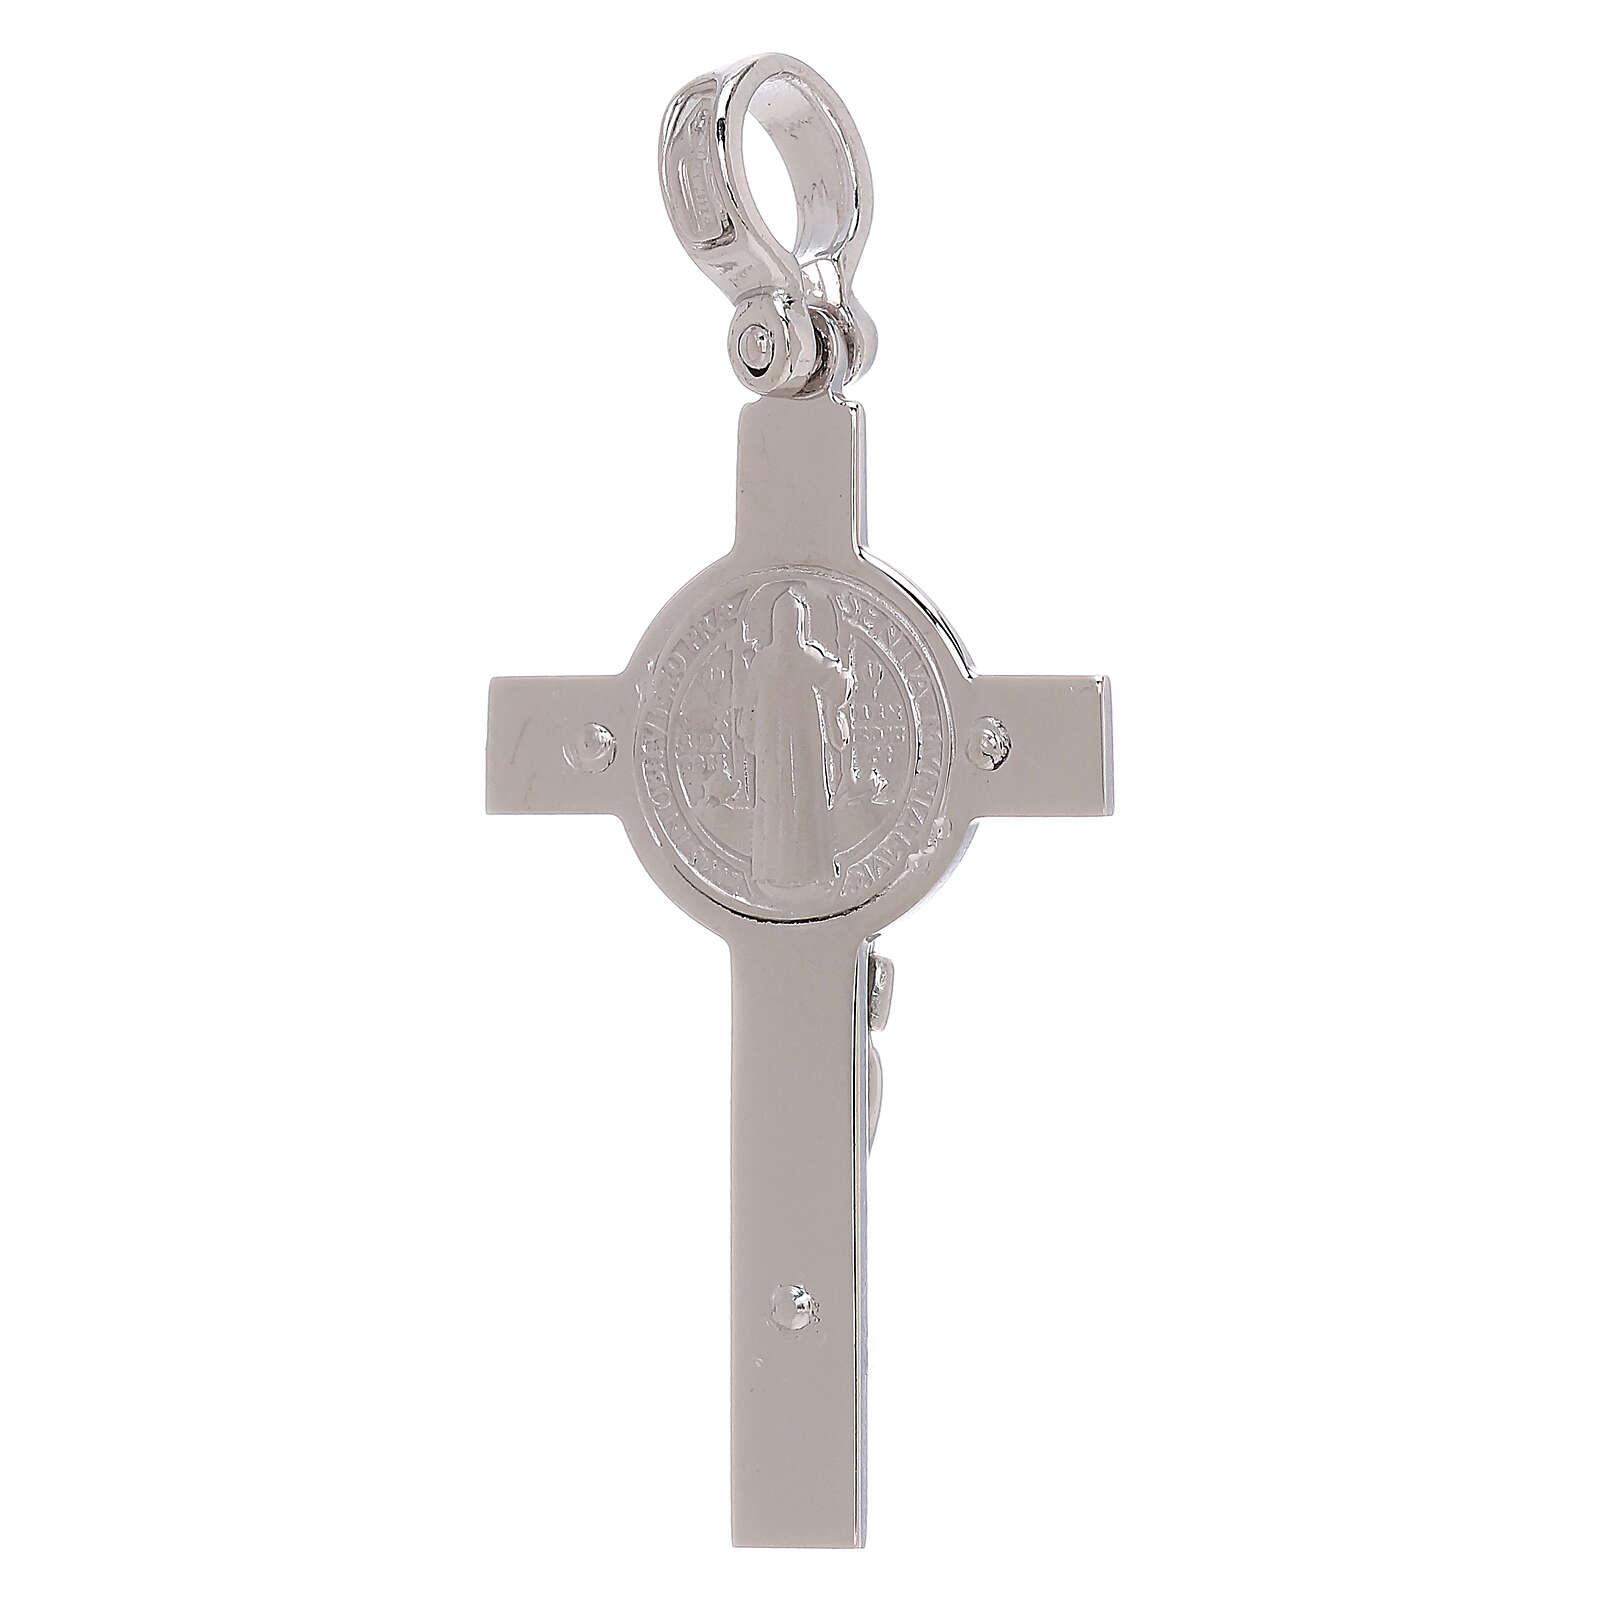 Croix Saint Benoît blanc rhodié or 18K 4,48 gr 4